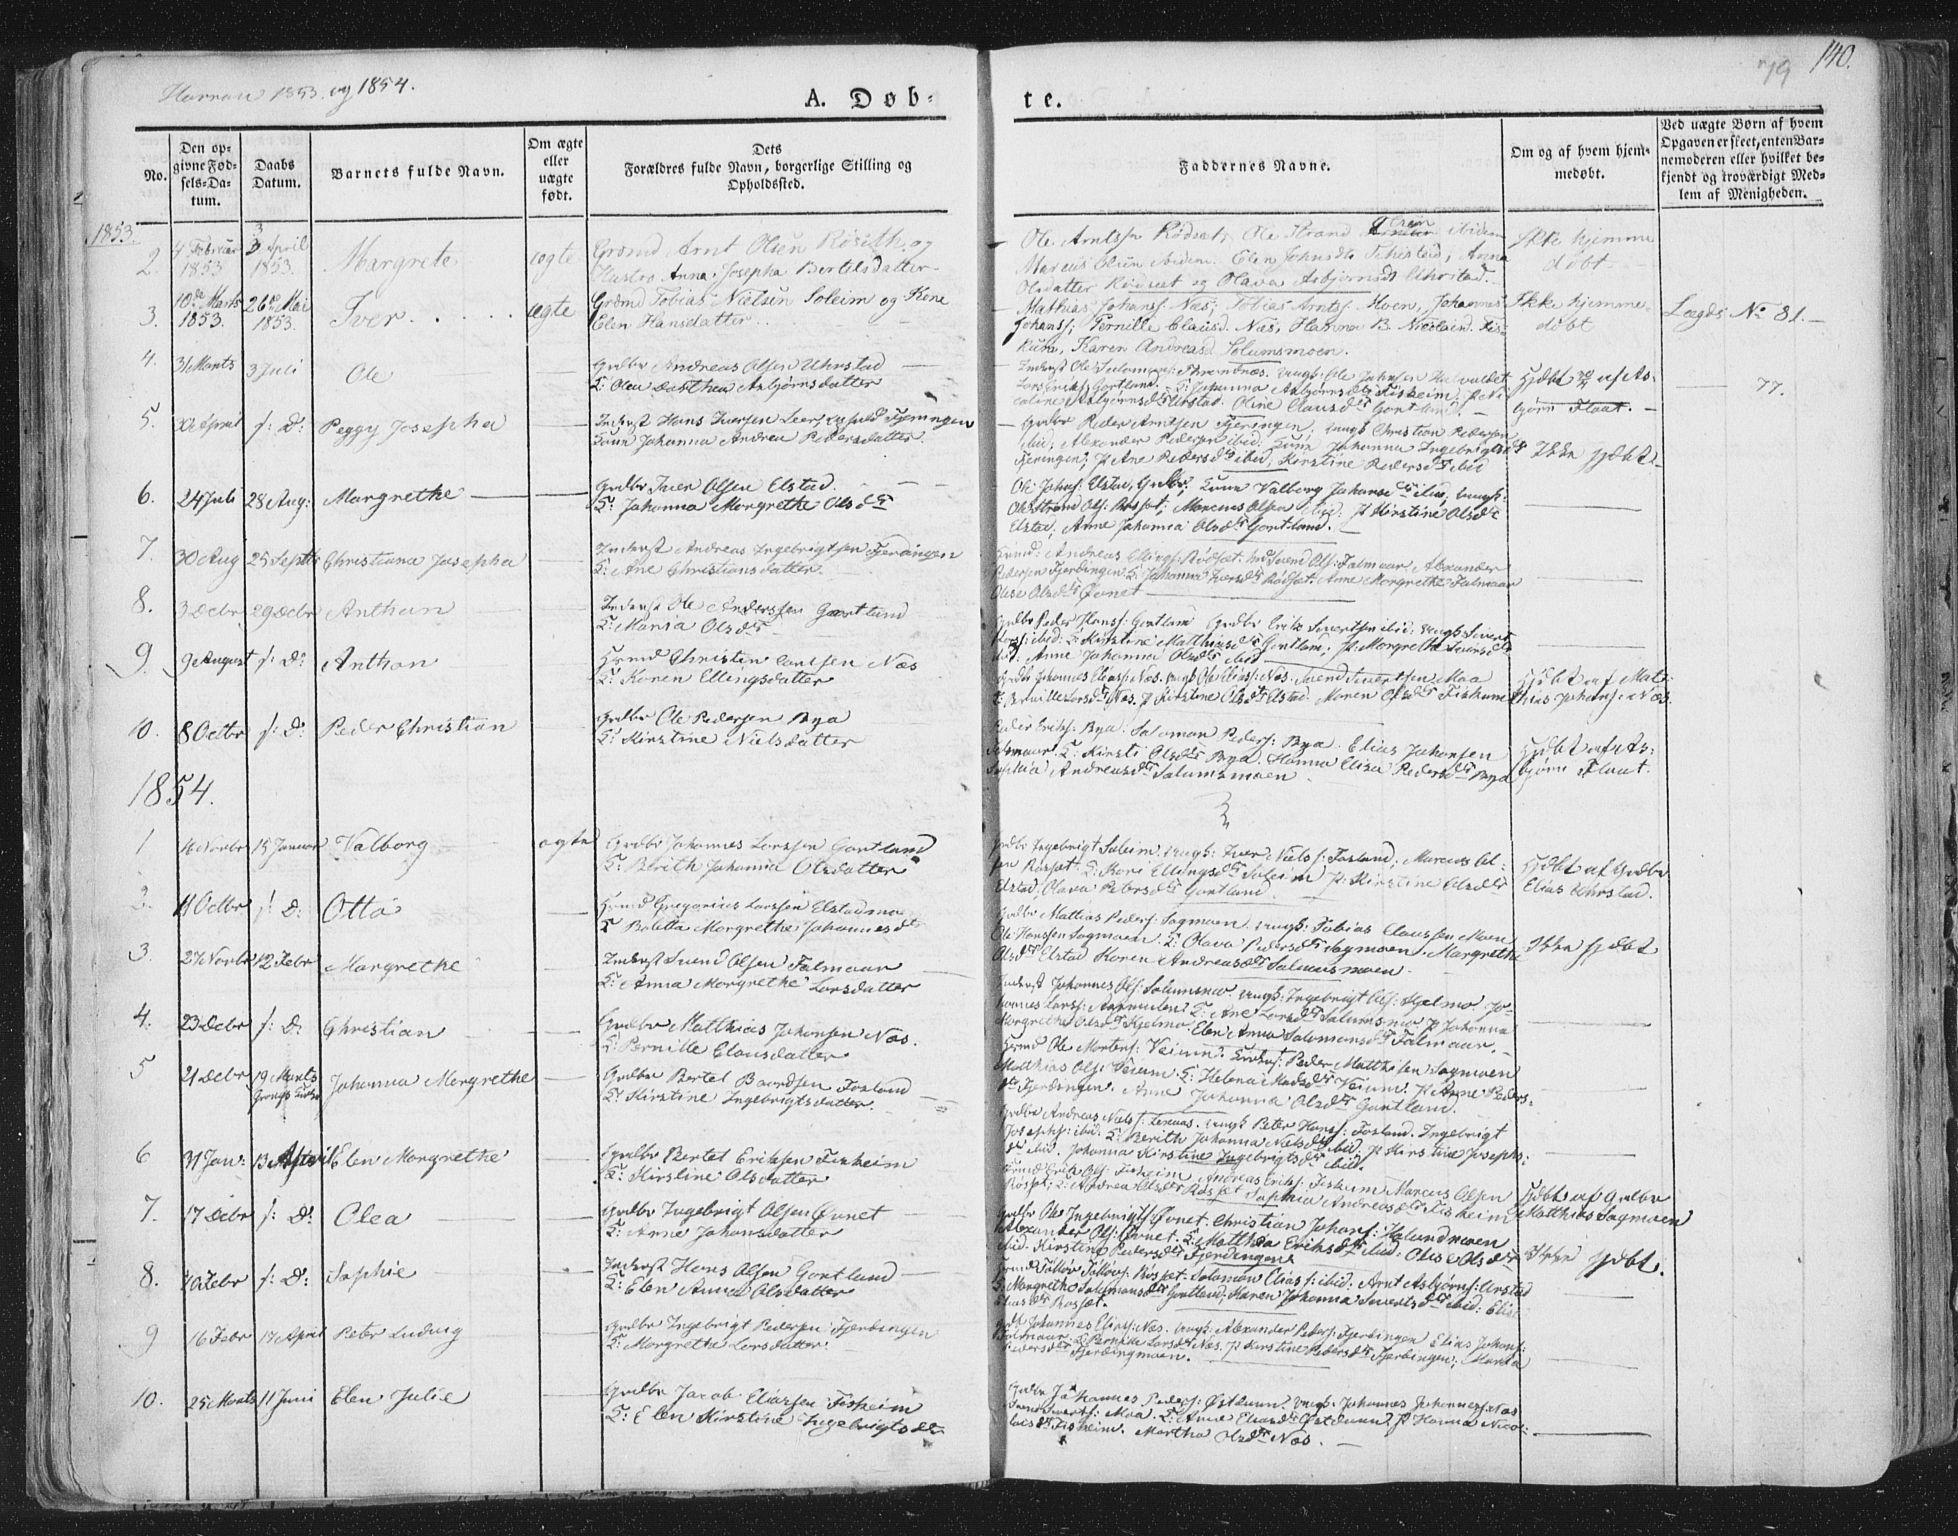 SAT, Ministerialprotokoller, klokkerbøker og fødselsregistre - Nord-Trøndelag, 758/L0513: Ministerialbok nr. 758A02 /3, 1839-1868, s. 79